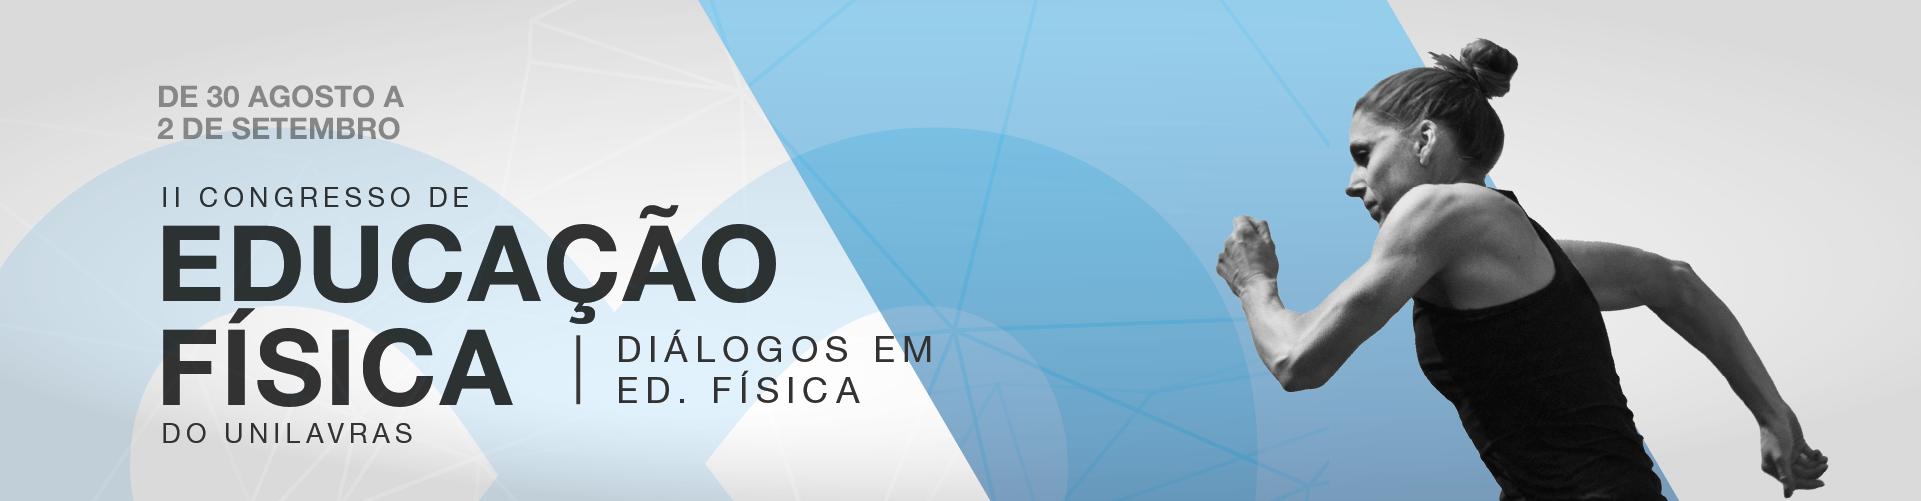 congresso-educacao-fisica-2021-Banner Página